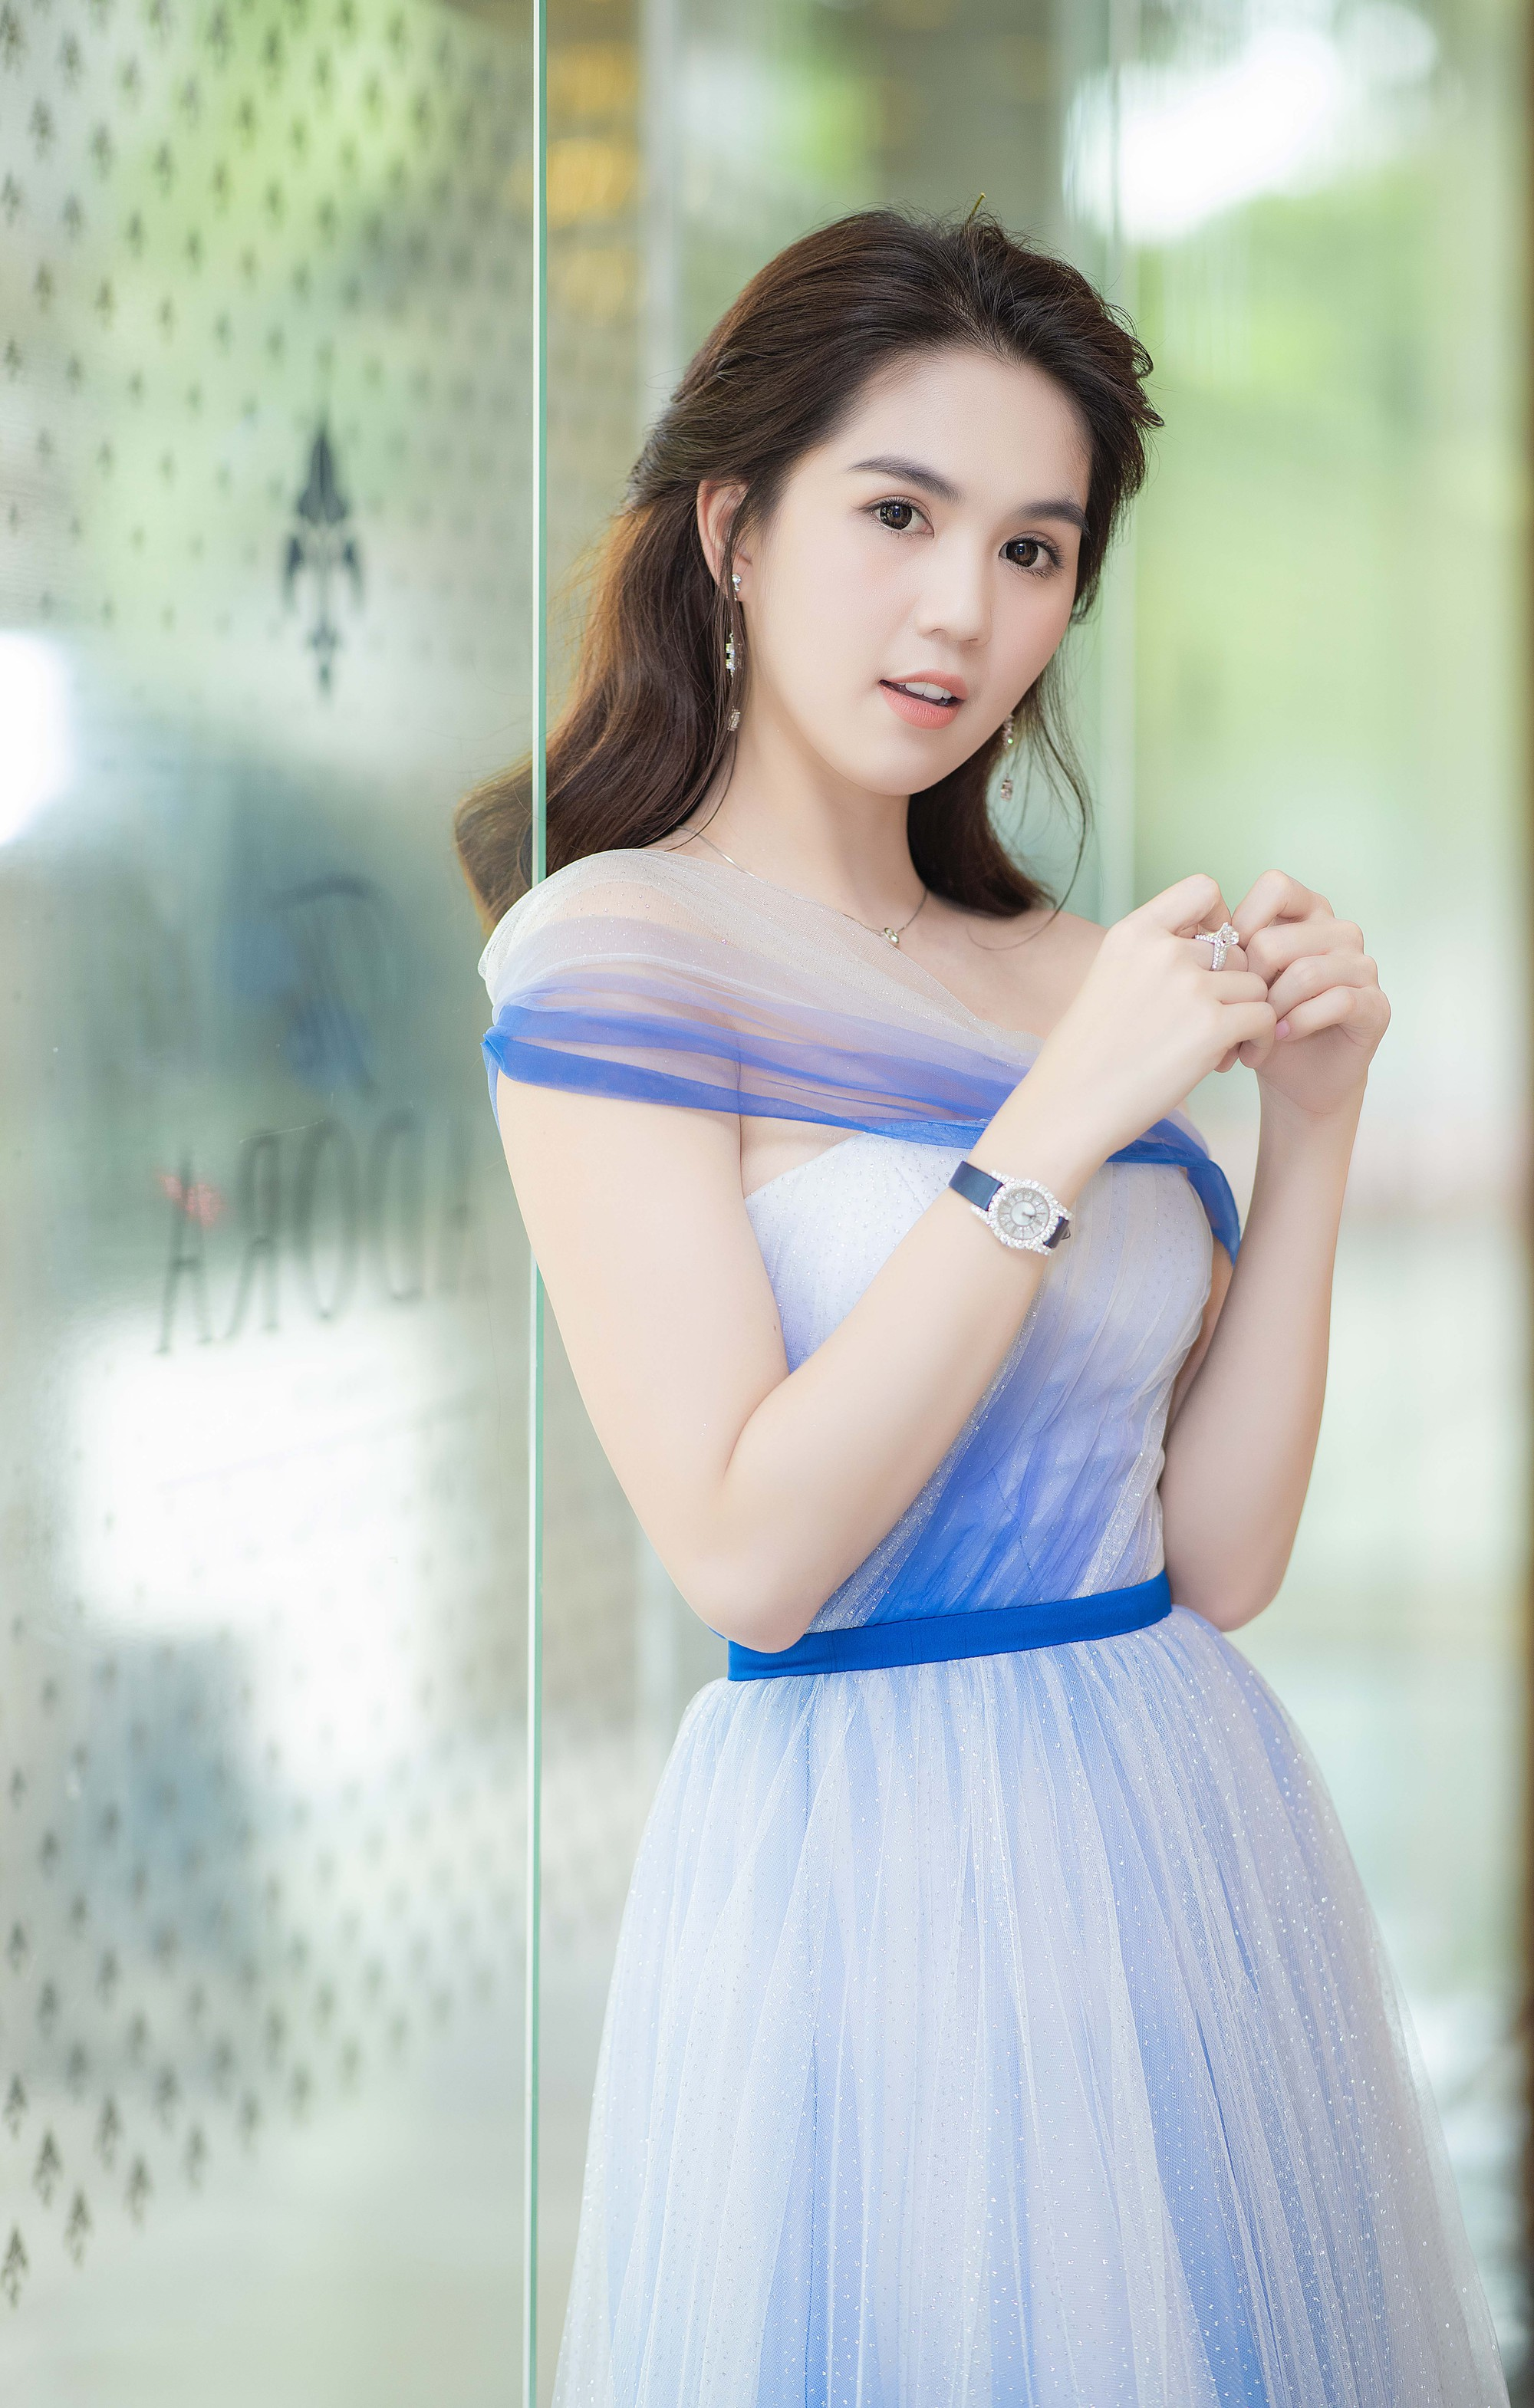 Ngọc Trinh đeo đồng hồ nạm kim cương hơn 1 tỷ đồng, xuất hiện nổi bật như công chúa tại sự kiện - Ảnh 1.